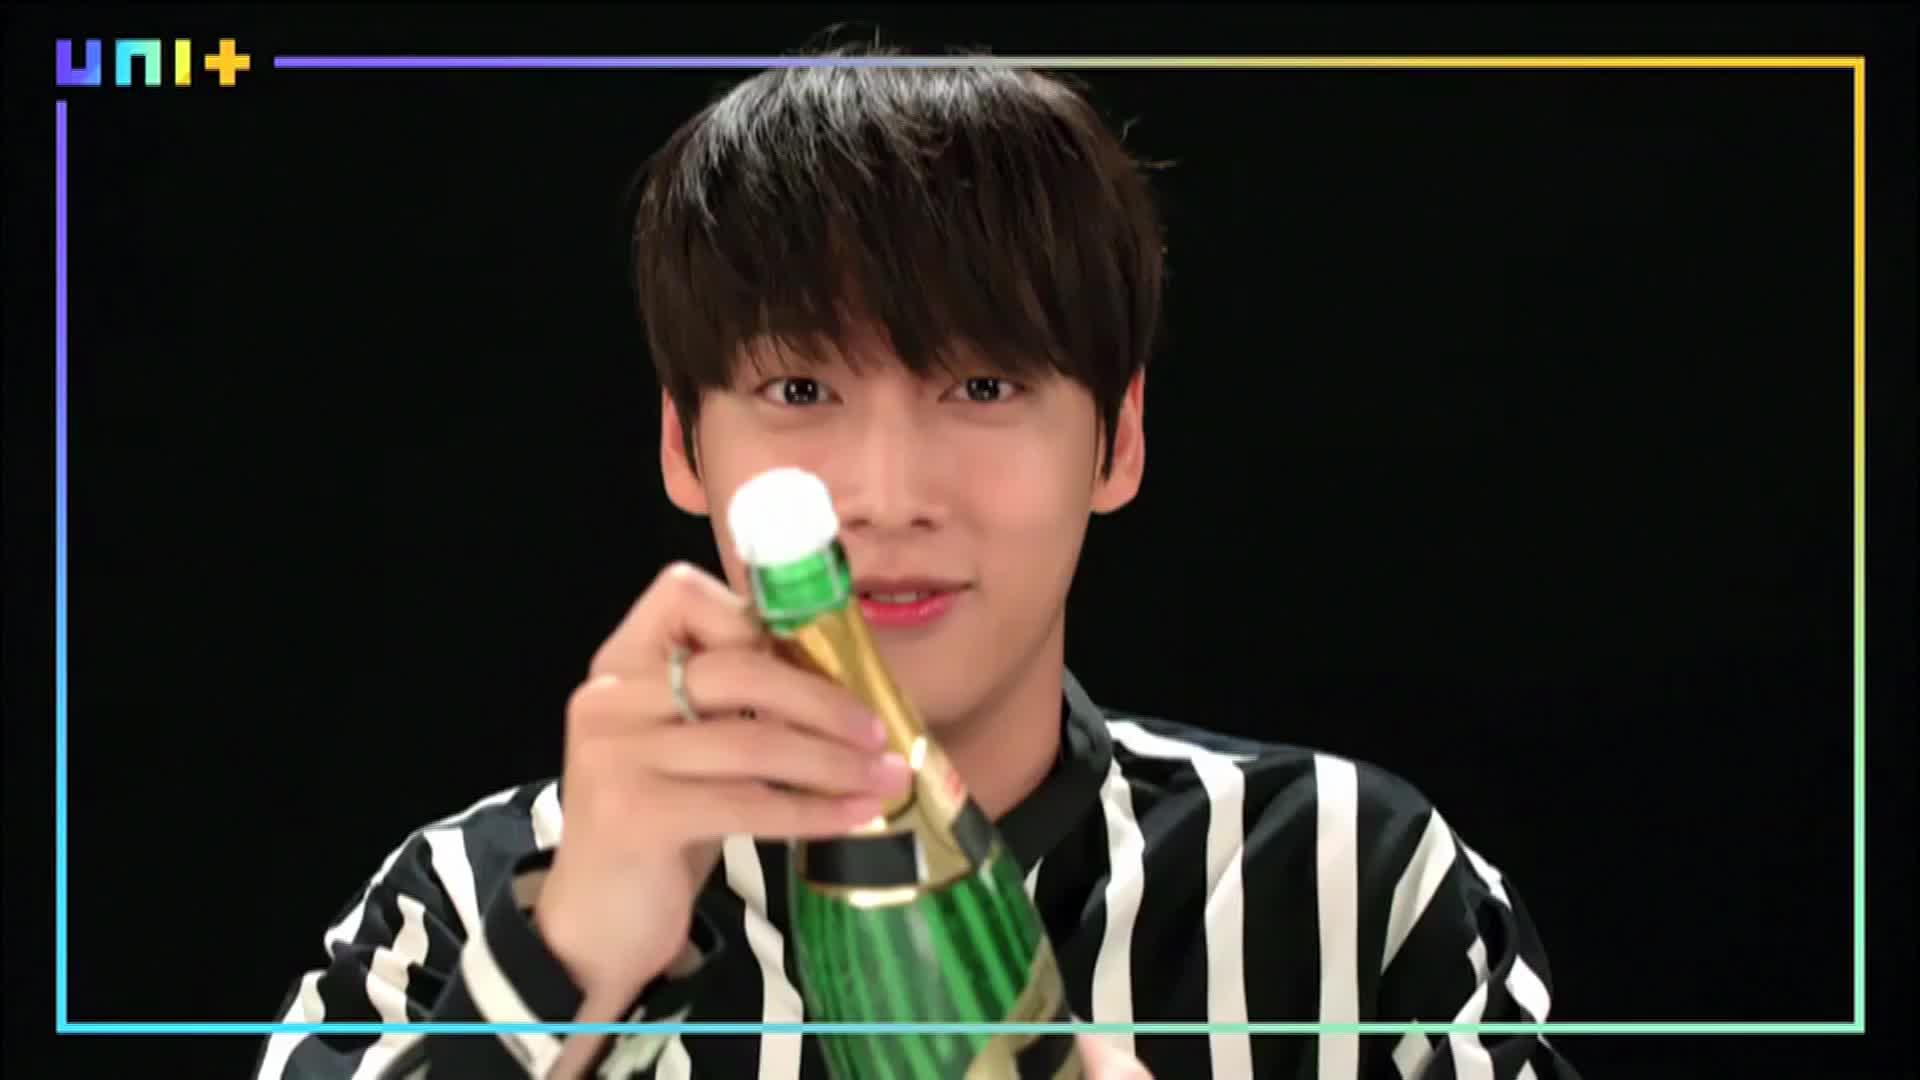 [더 유닛] 슈퍼슬로우 개인별 티저 05 (The Unit - Superslow individual teaser 05)